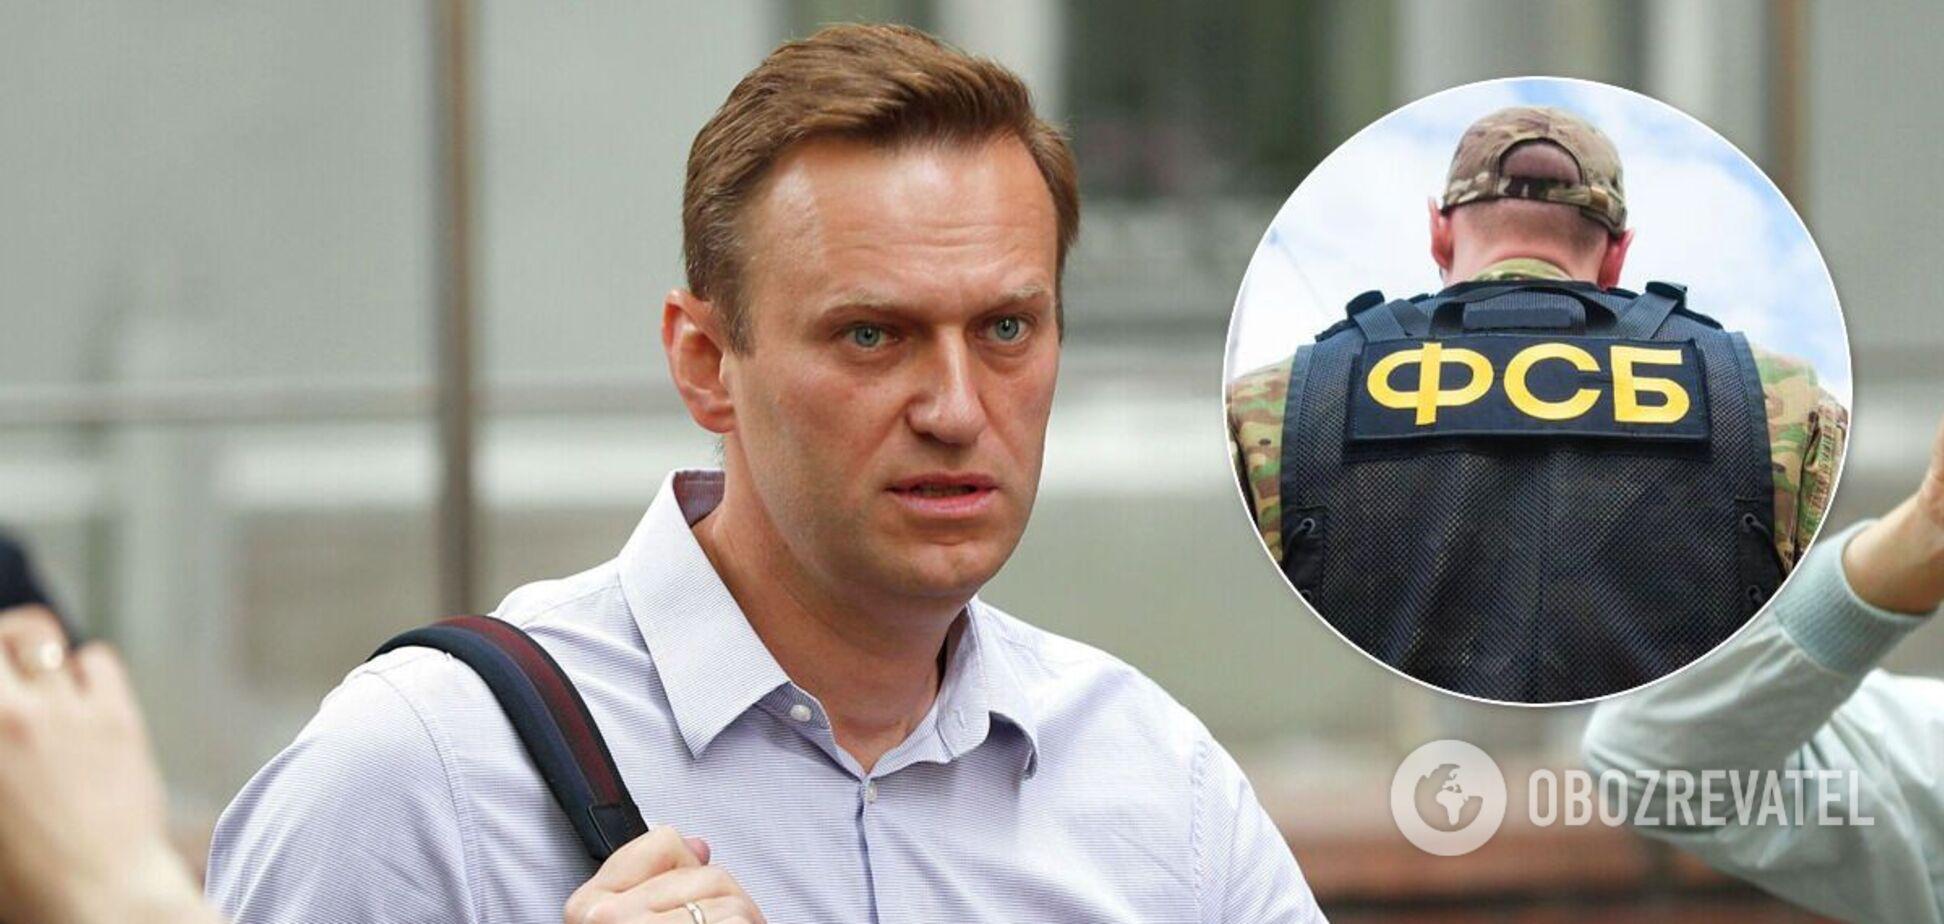 Щонайменше двоє отруйників Навального могли бути причетними до інших убивств